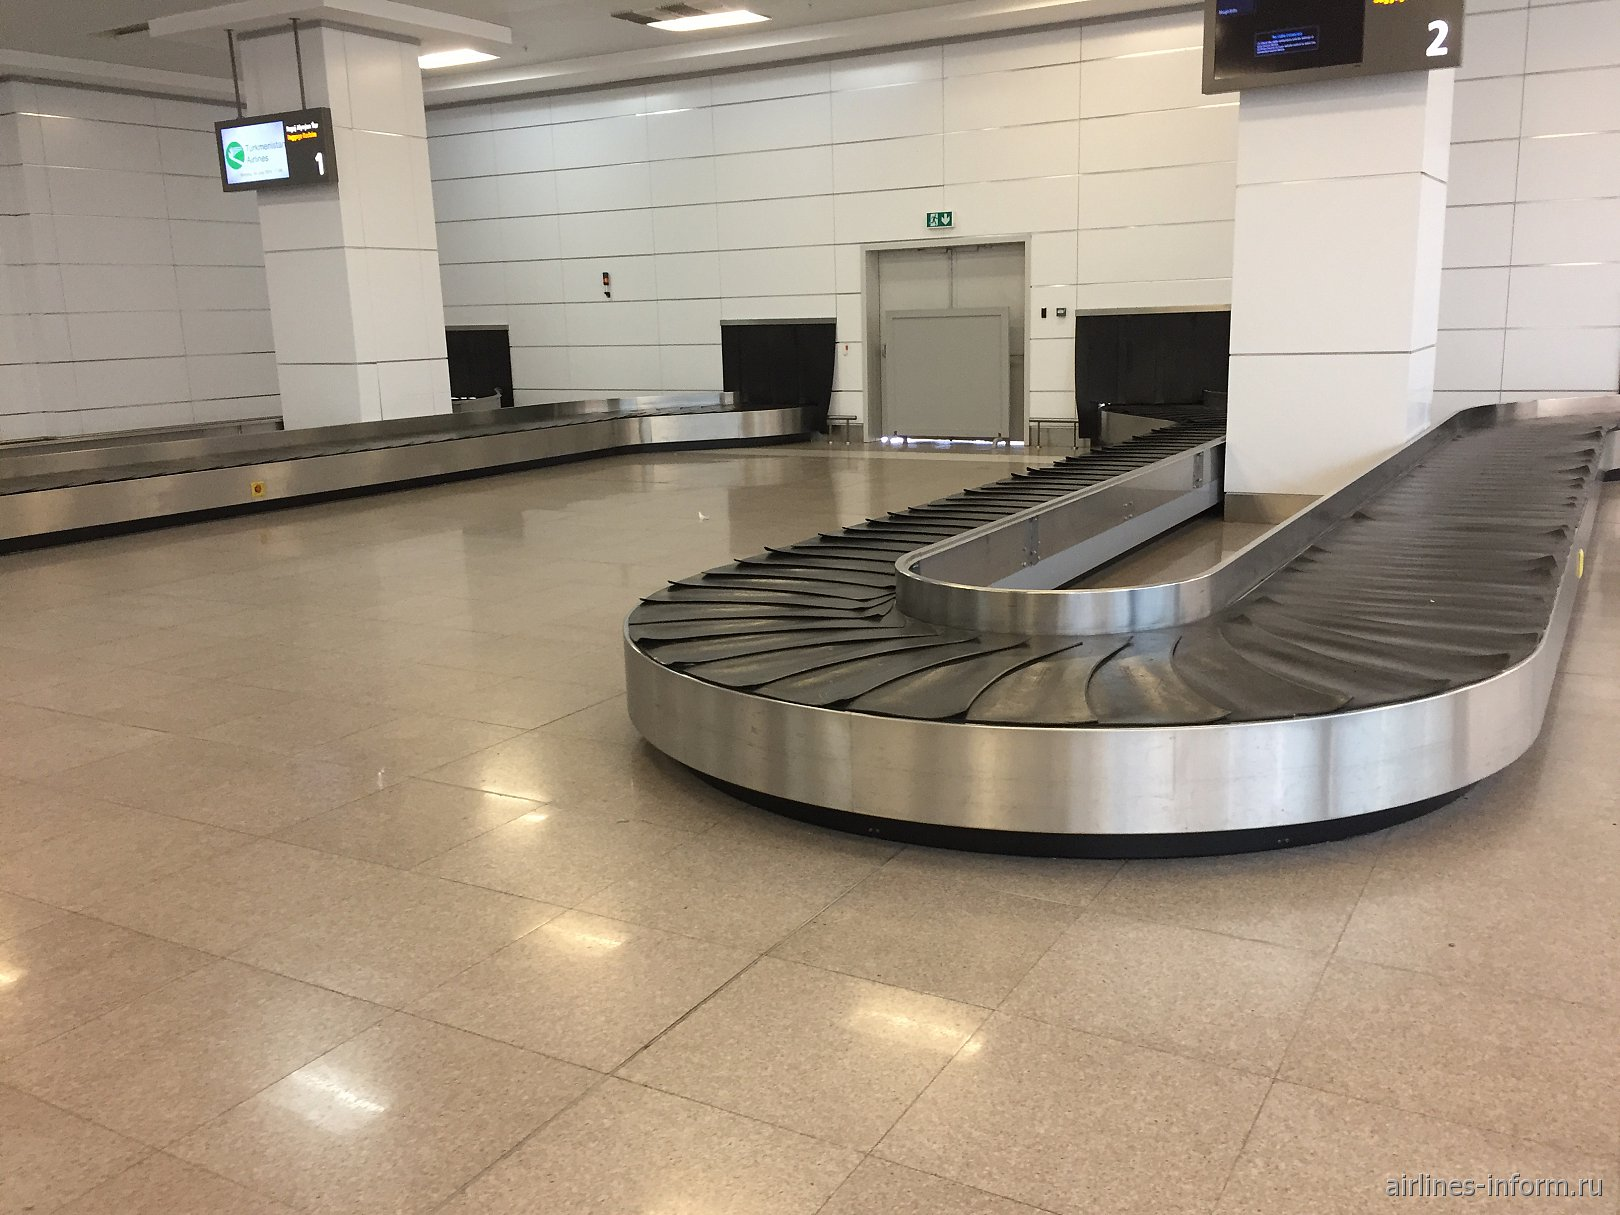 Зал получения багажа в терминале 2 аэропорта Ашхабад